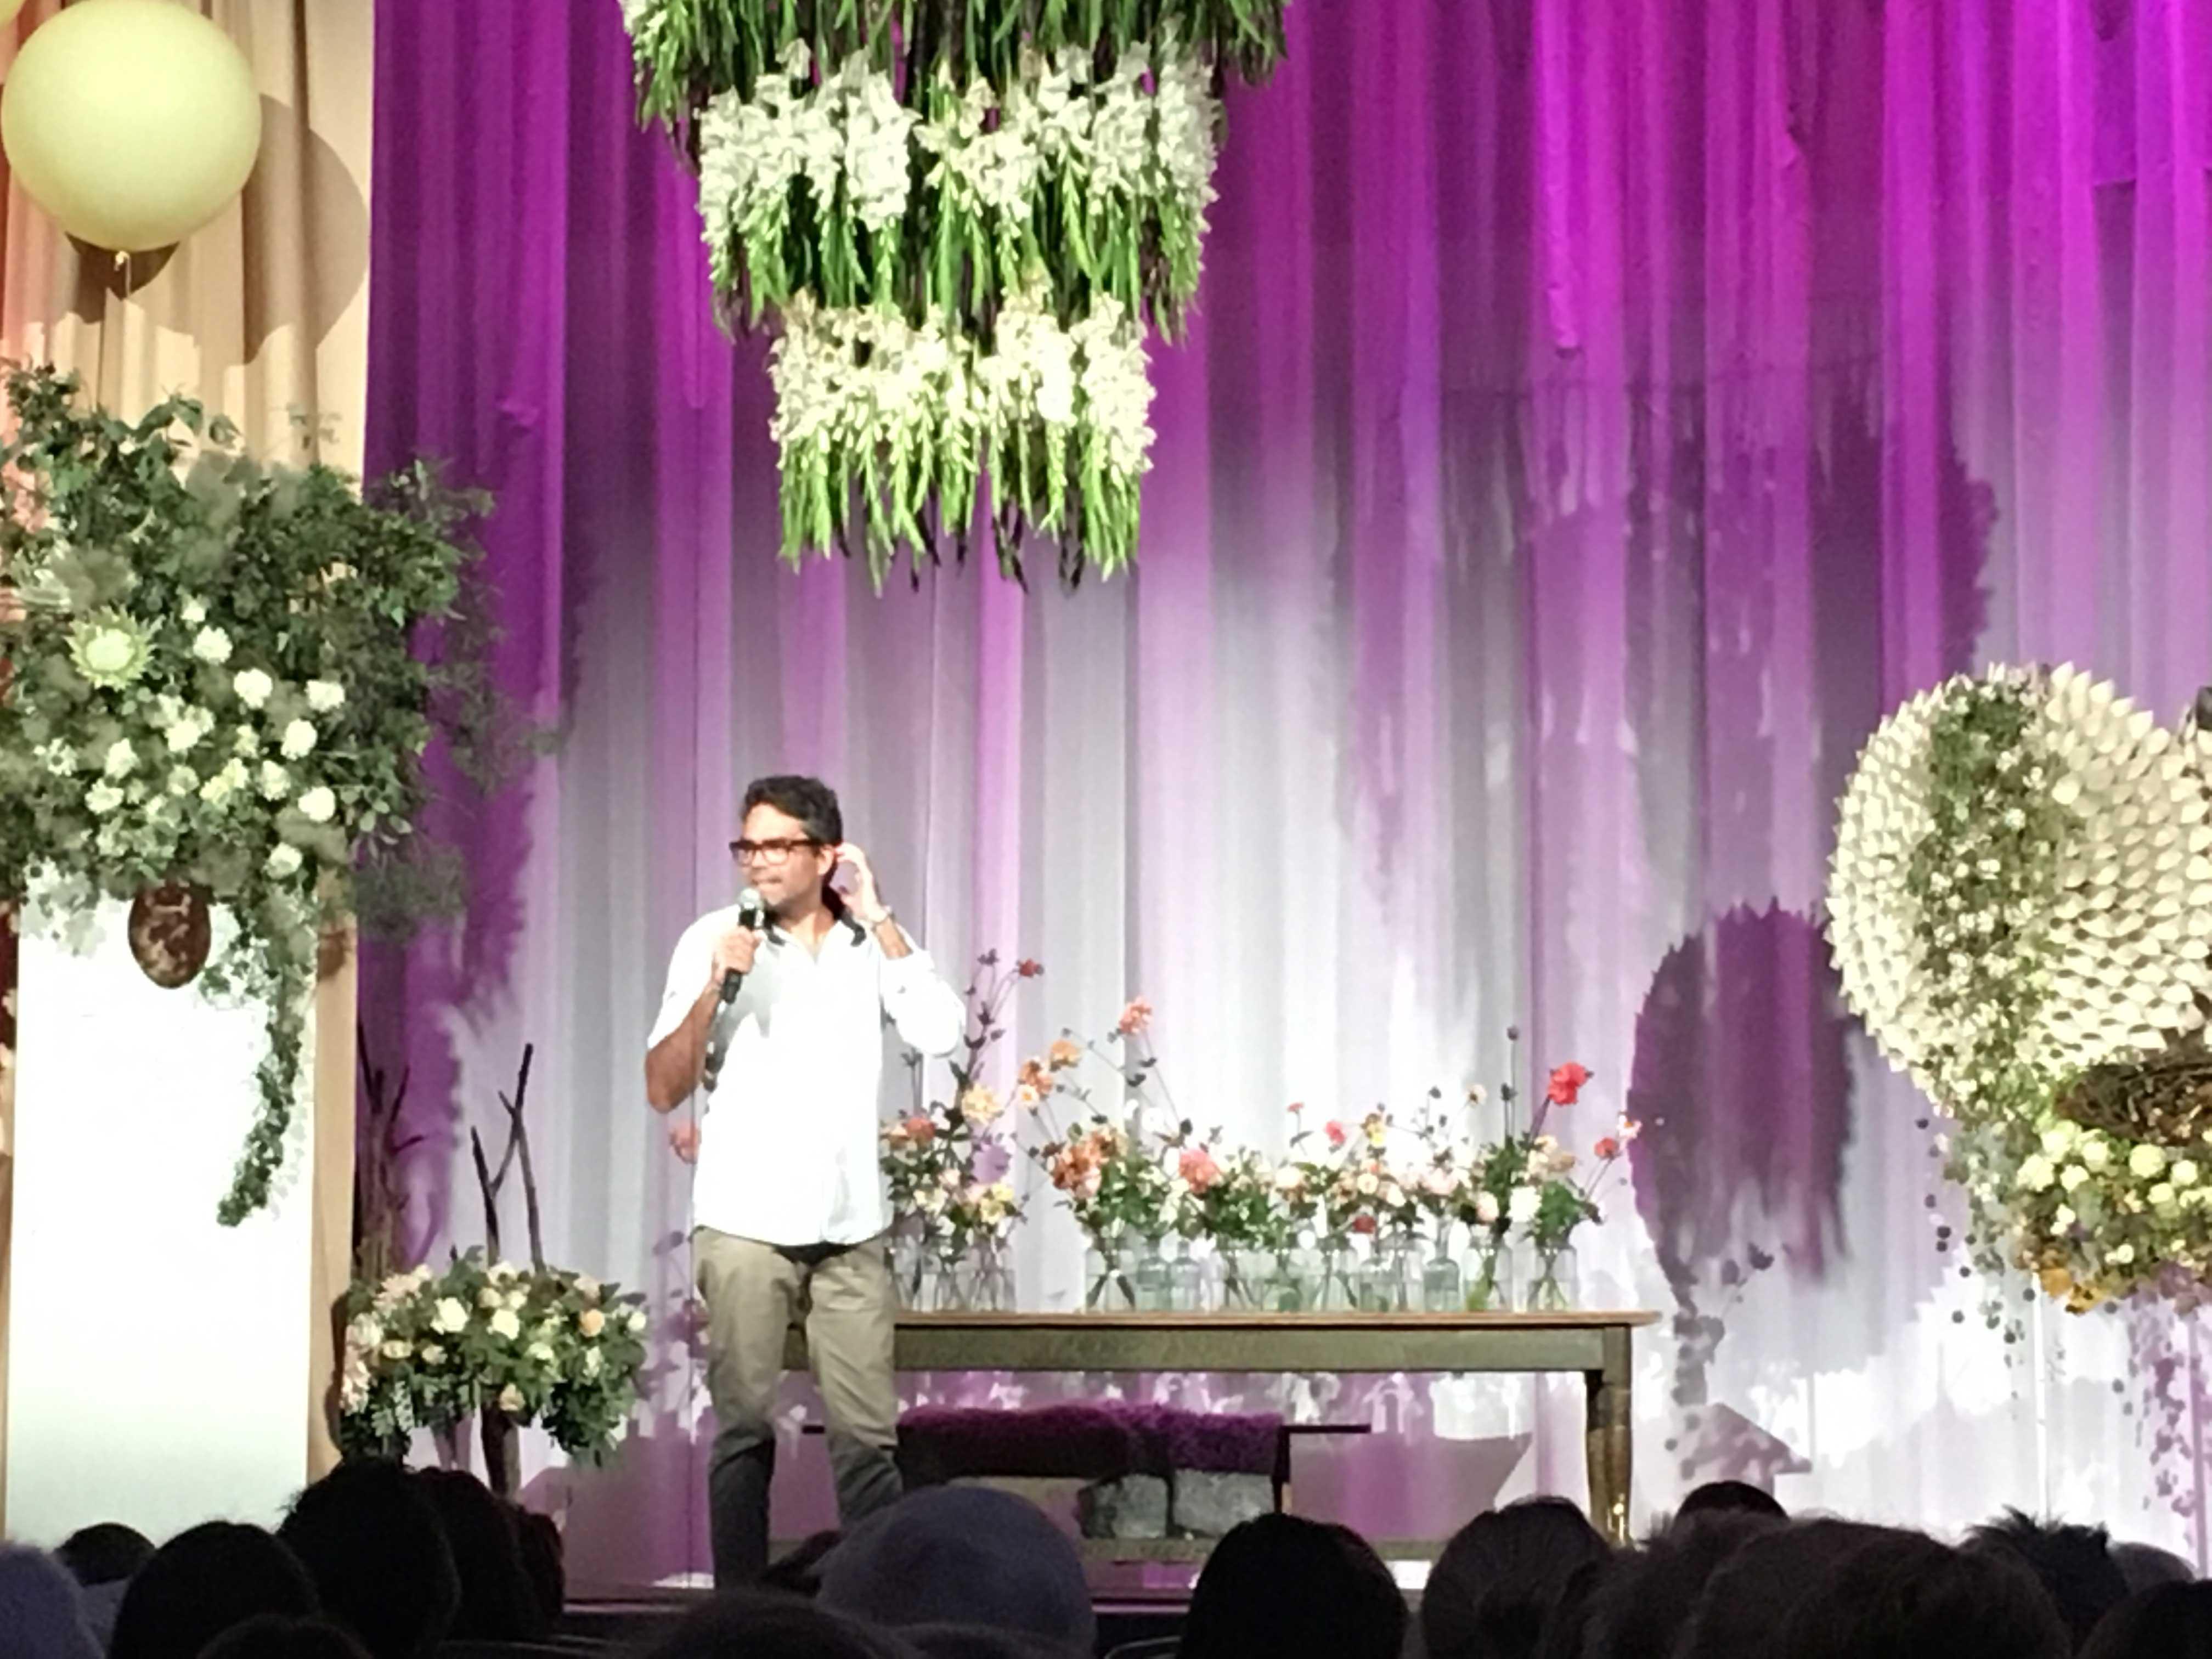 david-batra-interfloradagen-floristutbildning-floristutbildarna